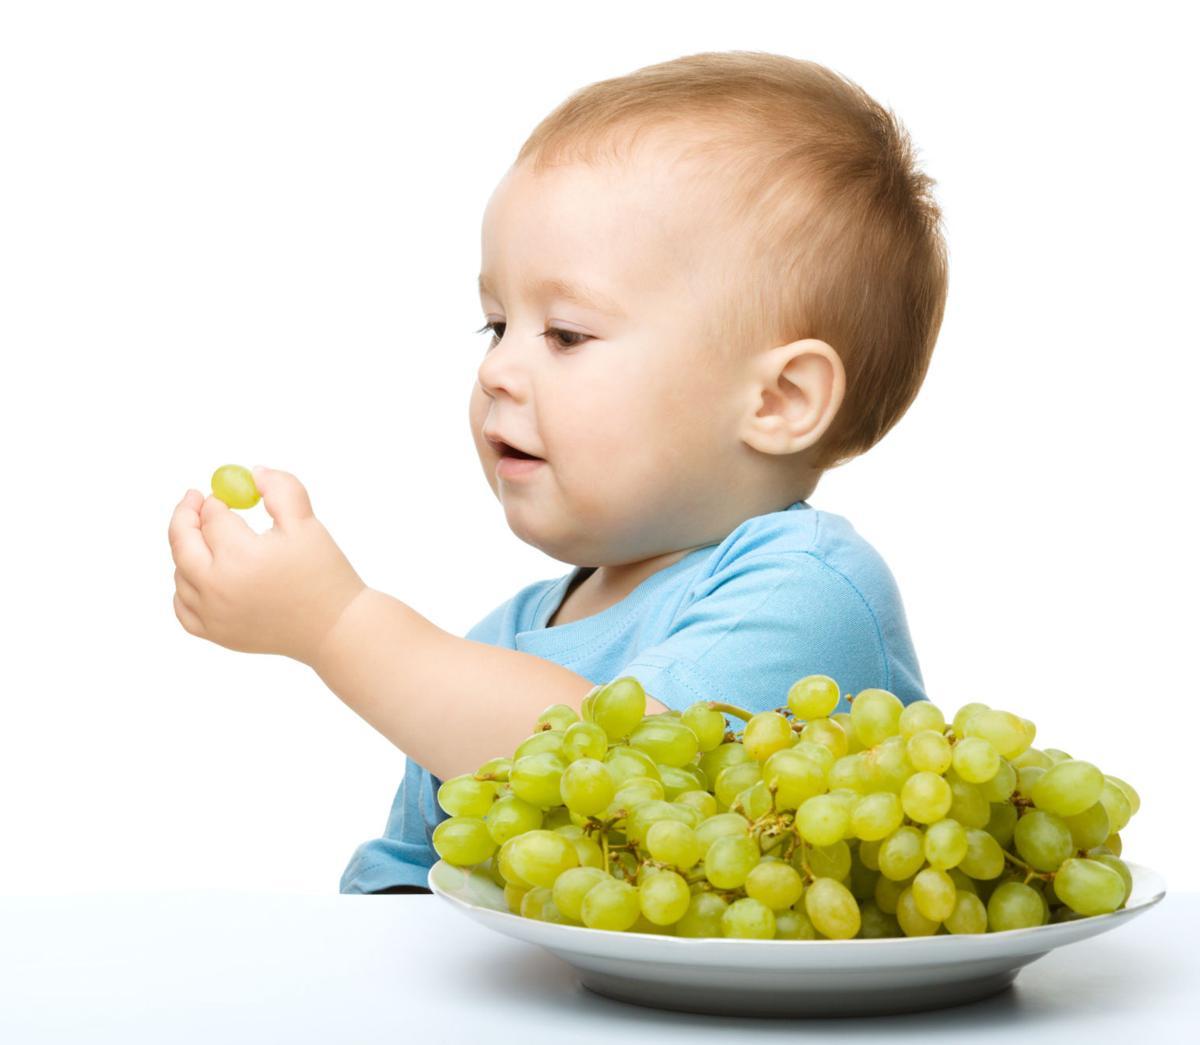 babygrapes.jpg